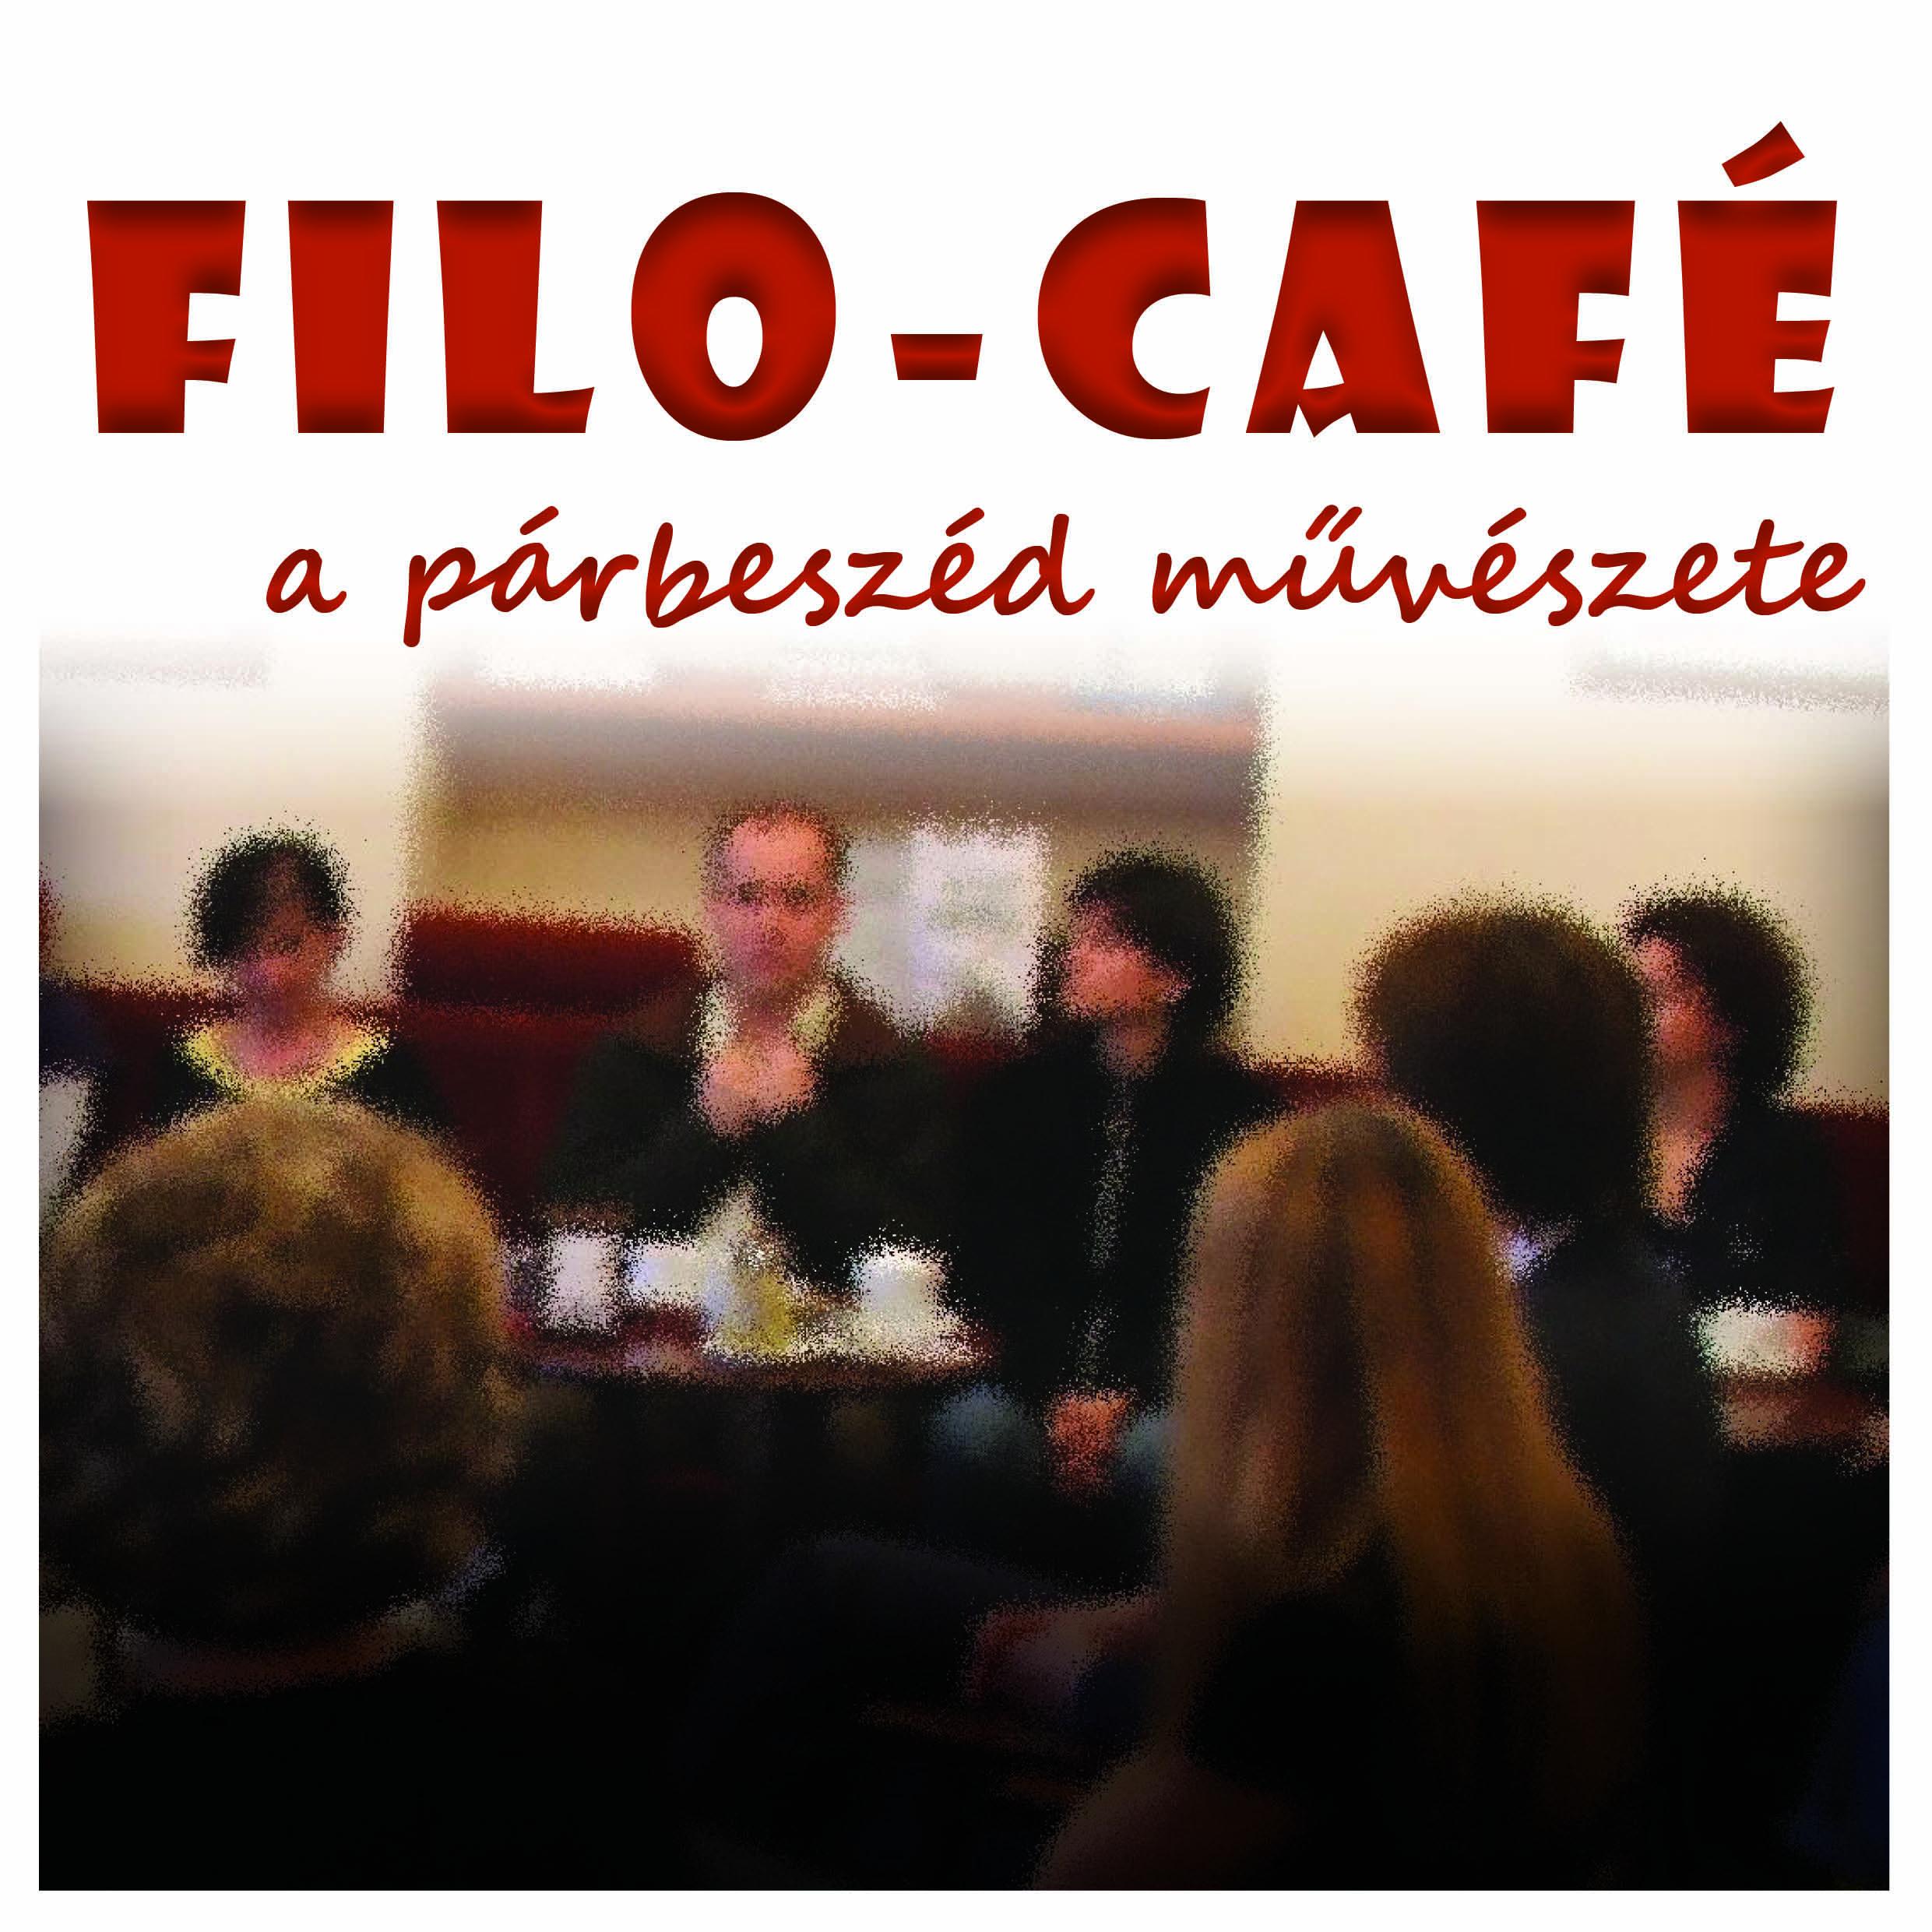 filocafe_logo_kicsi-1.jpg